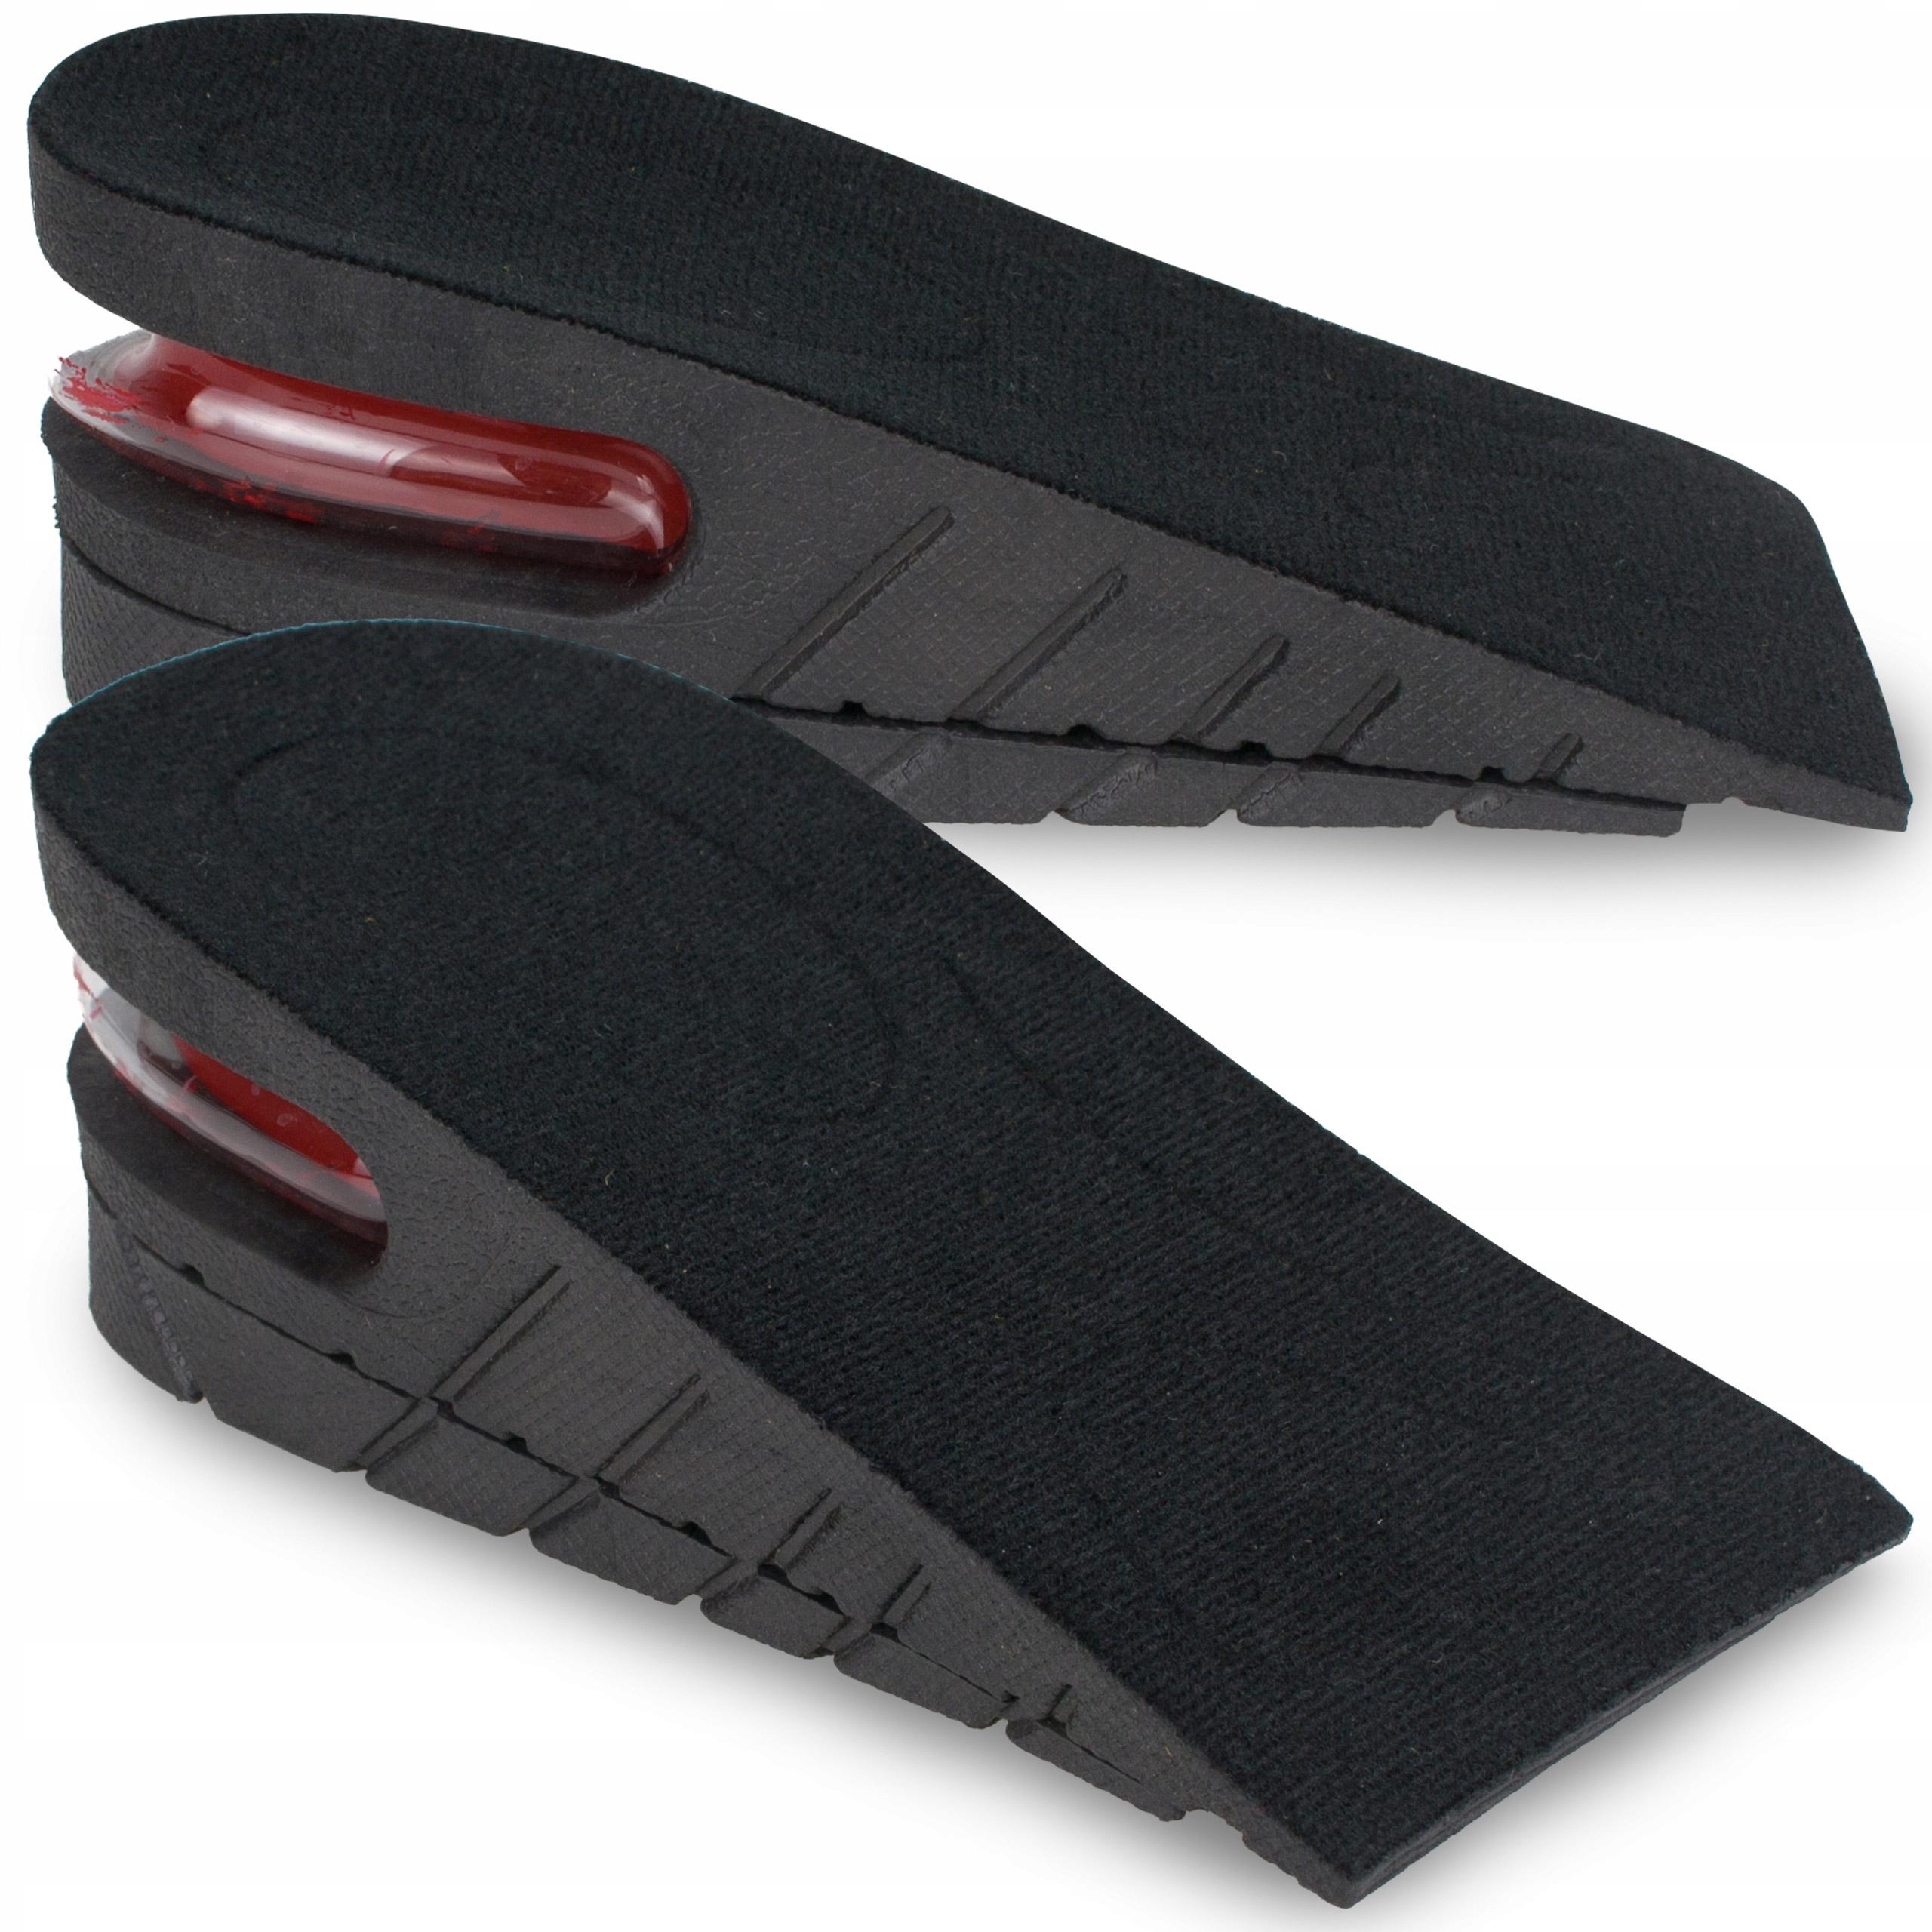 Podwyższające podpiętki wkładki butów wzrost 5 CM